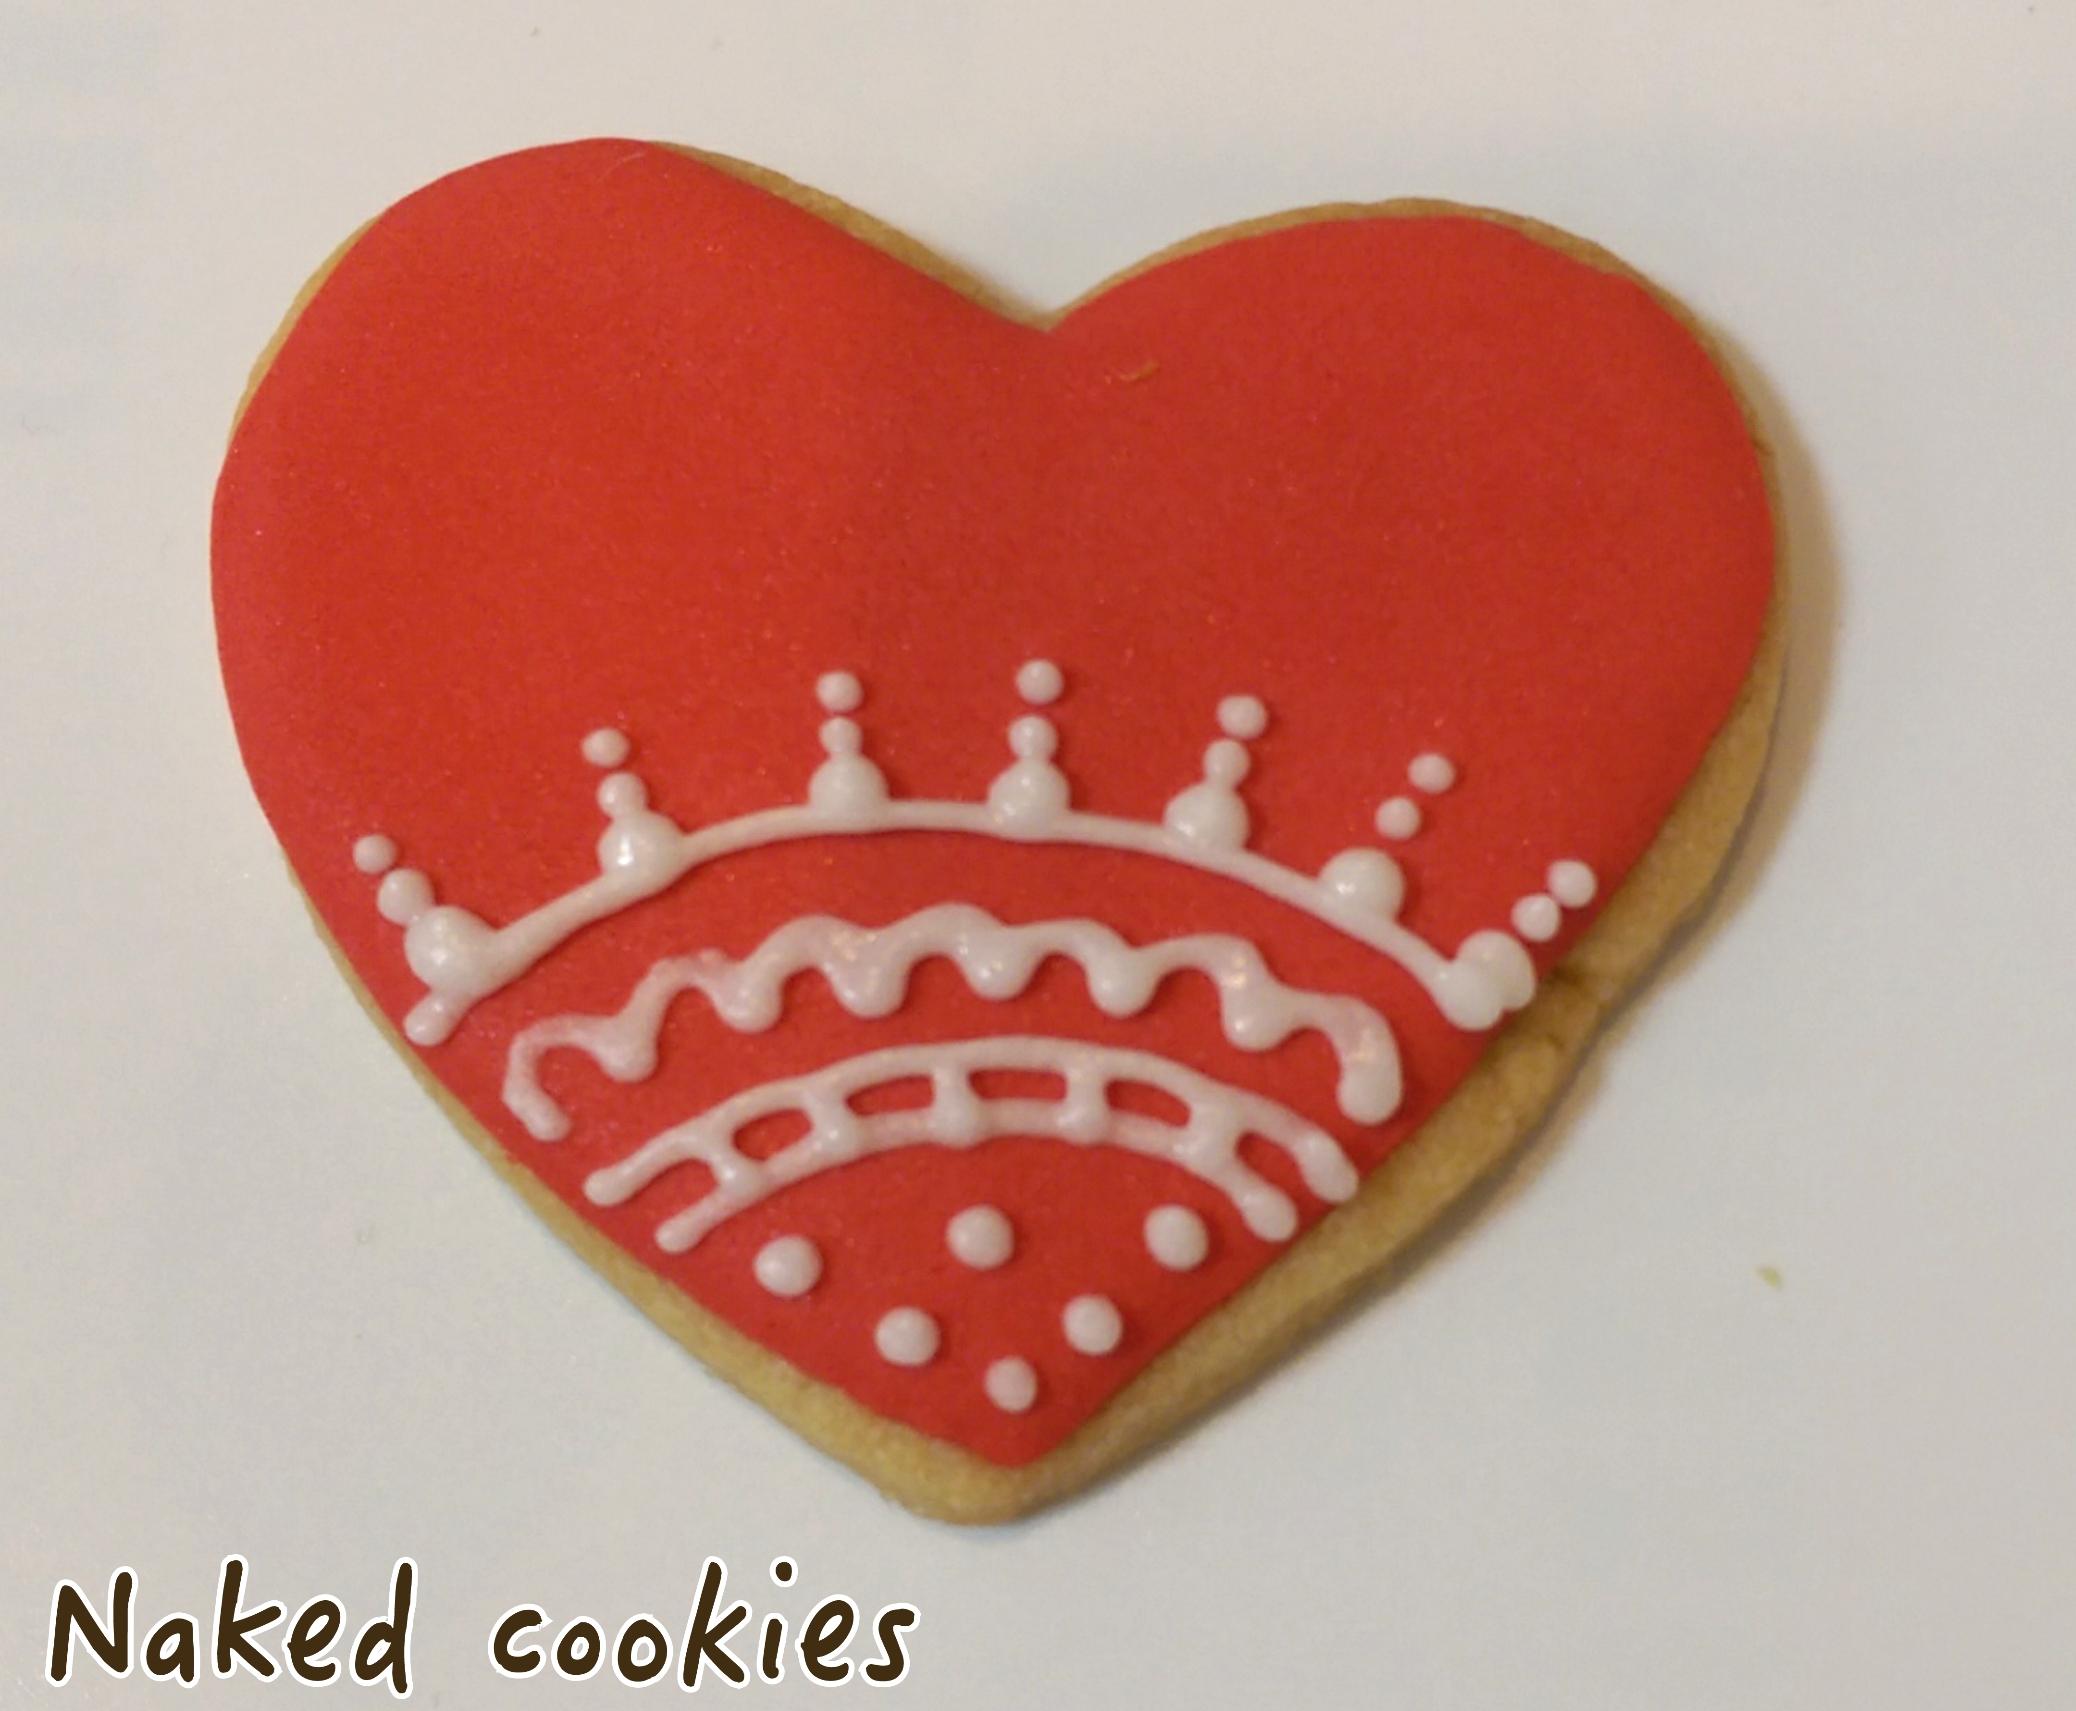 【裸餅乾Naked Cookies】愛心蕾絲款6入-創意手工糖霜餅乾,婚禮/生日/活動/收涎/彌月